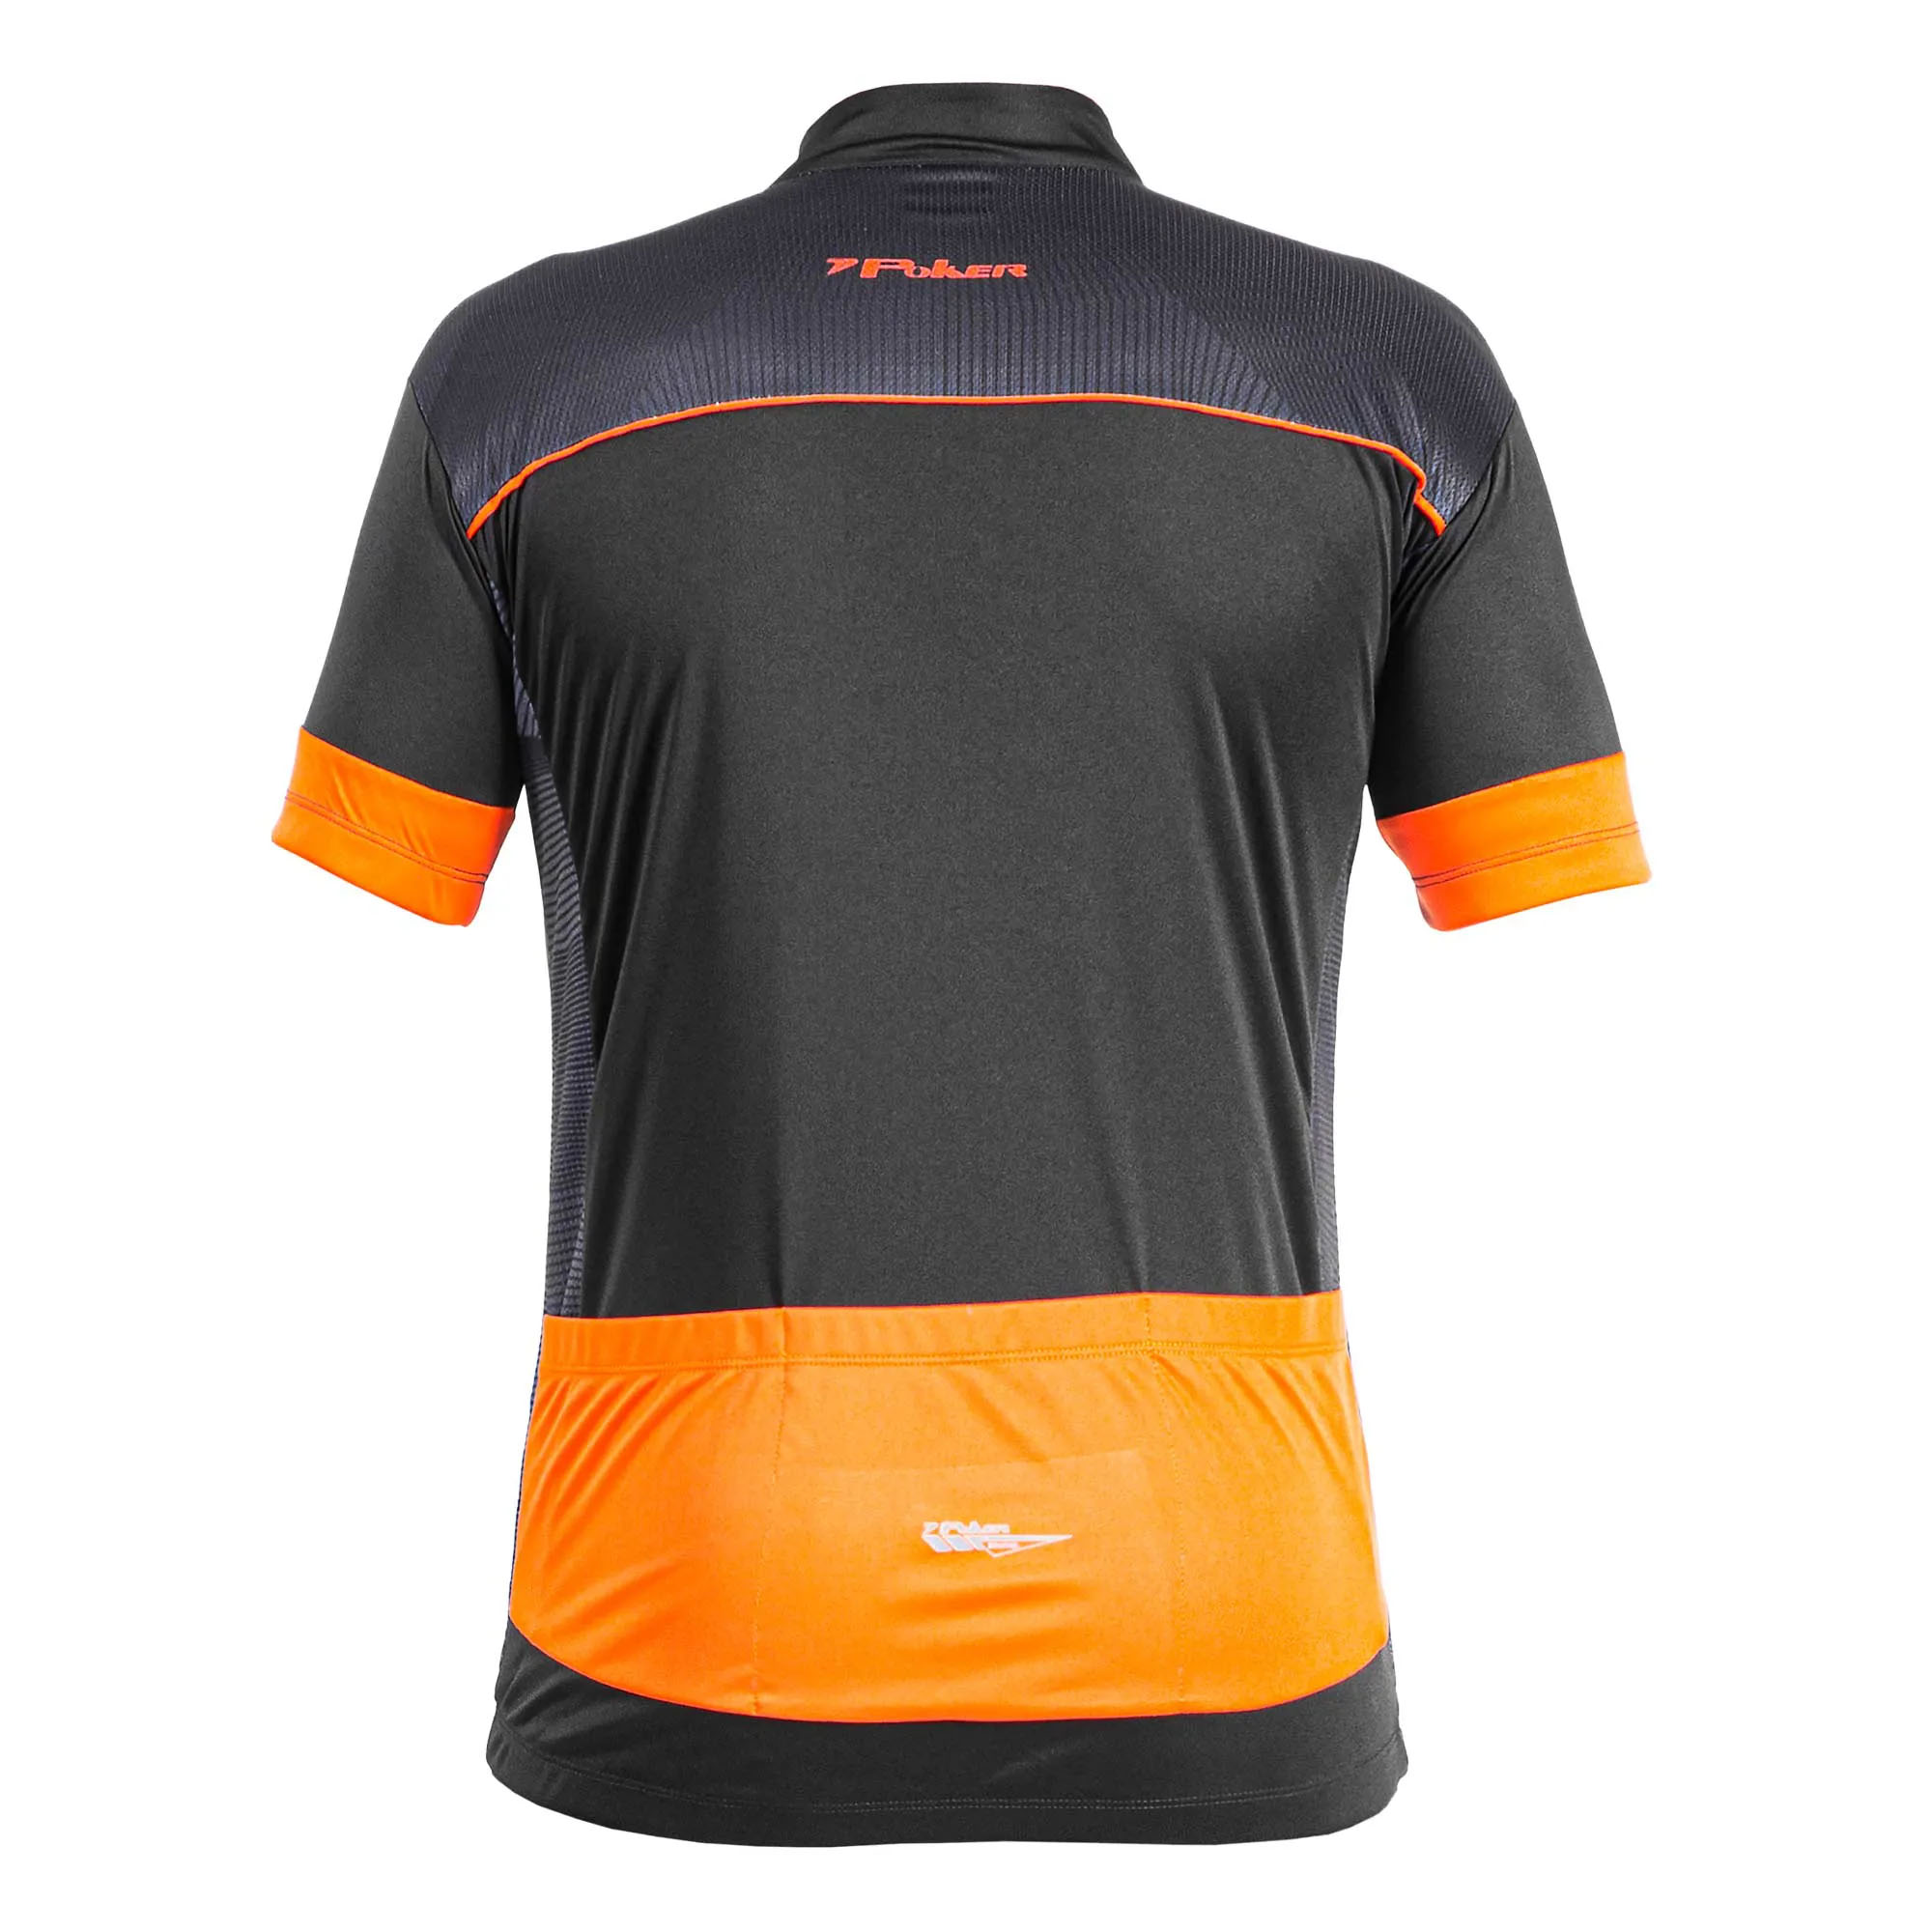 Camisa Ciclismo Roads Preto/Laranja  - Poker